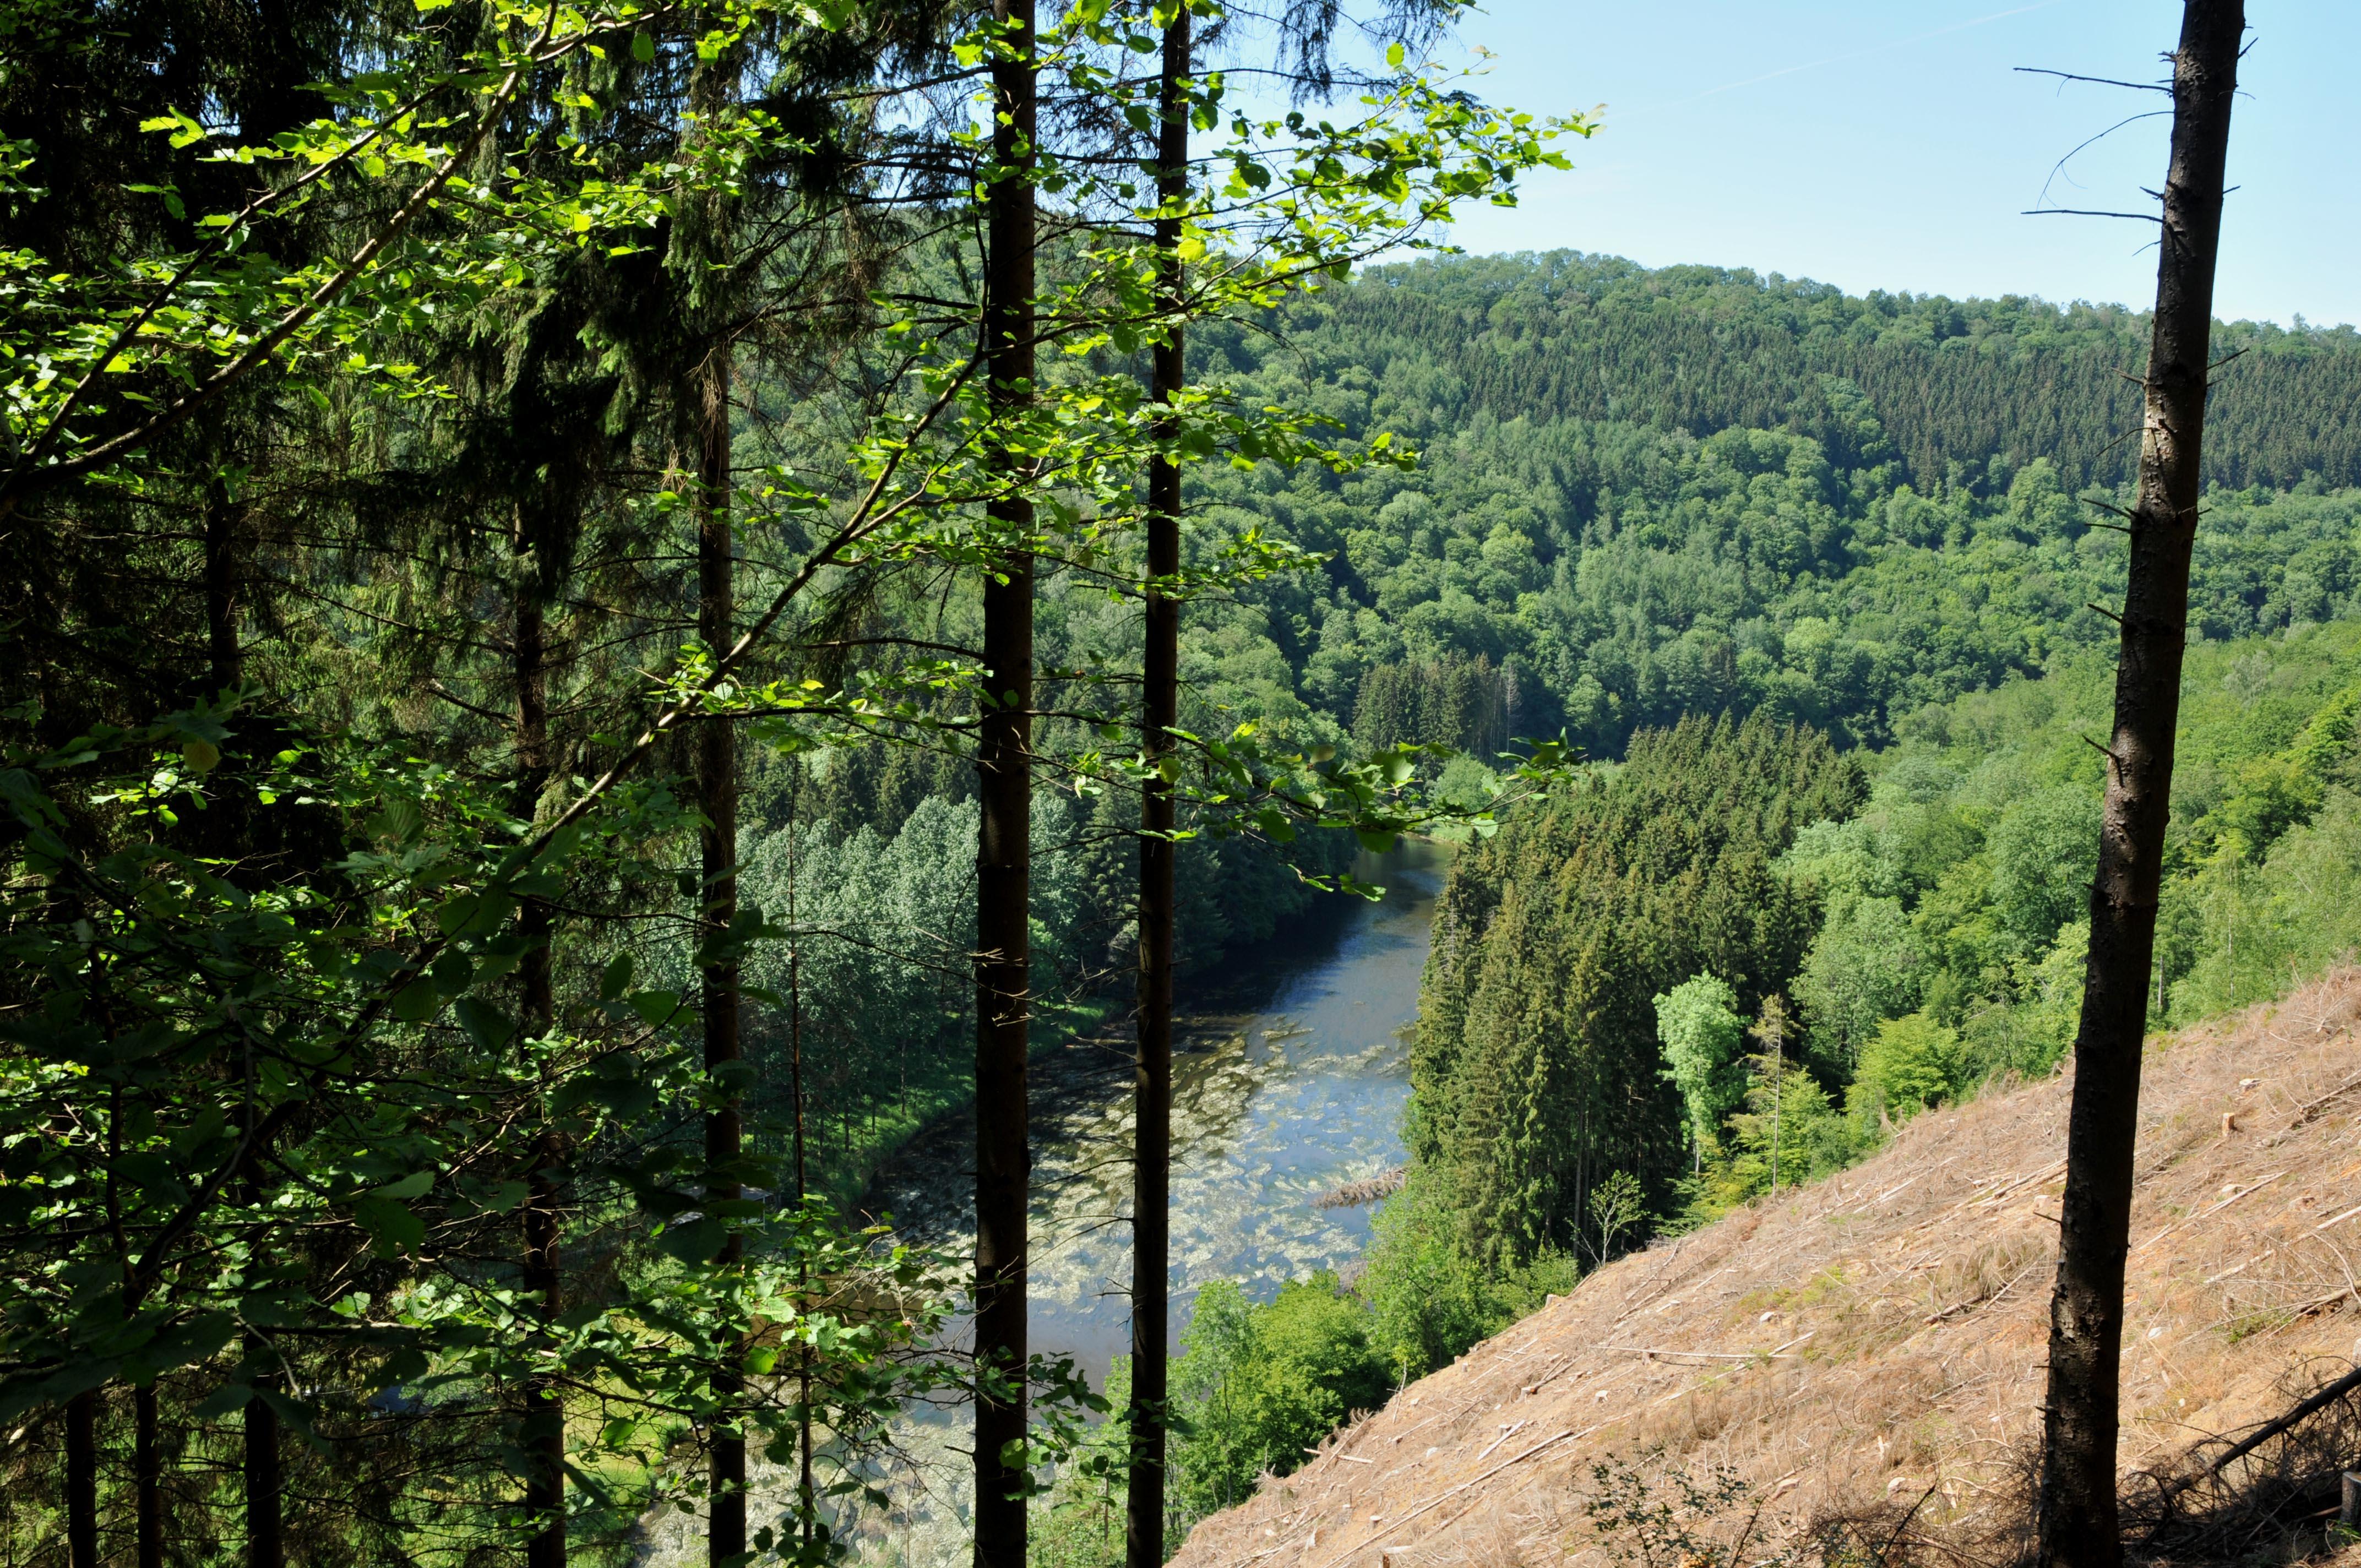 rivière au milieu d'une forêt